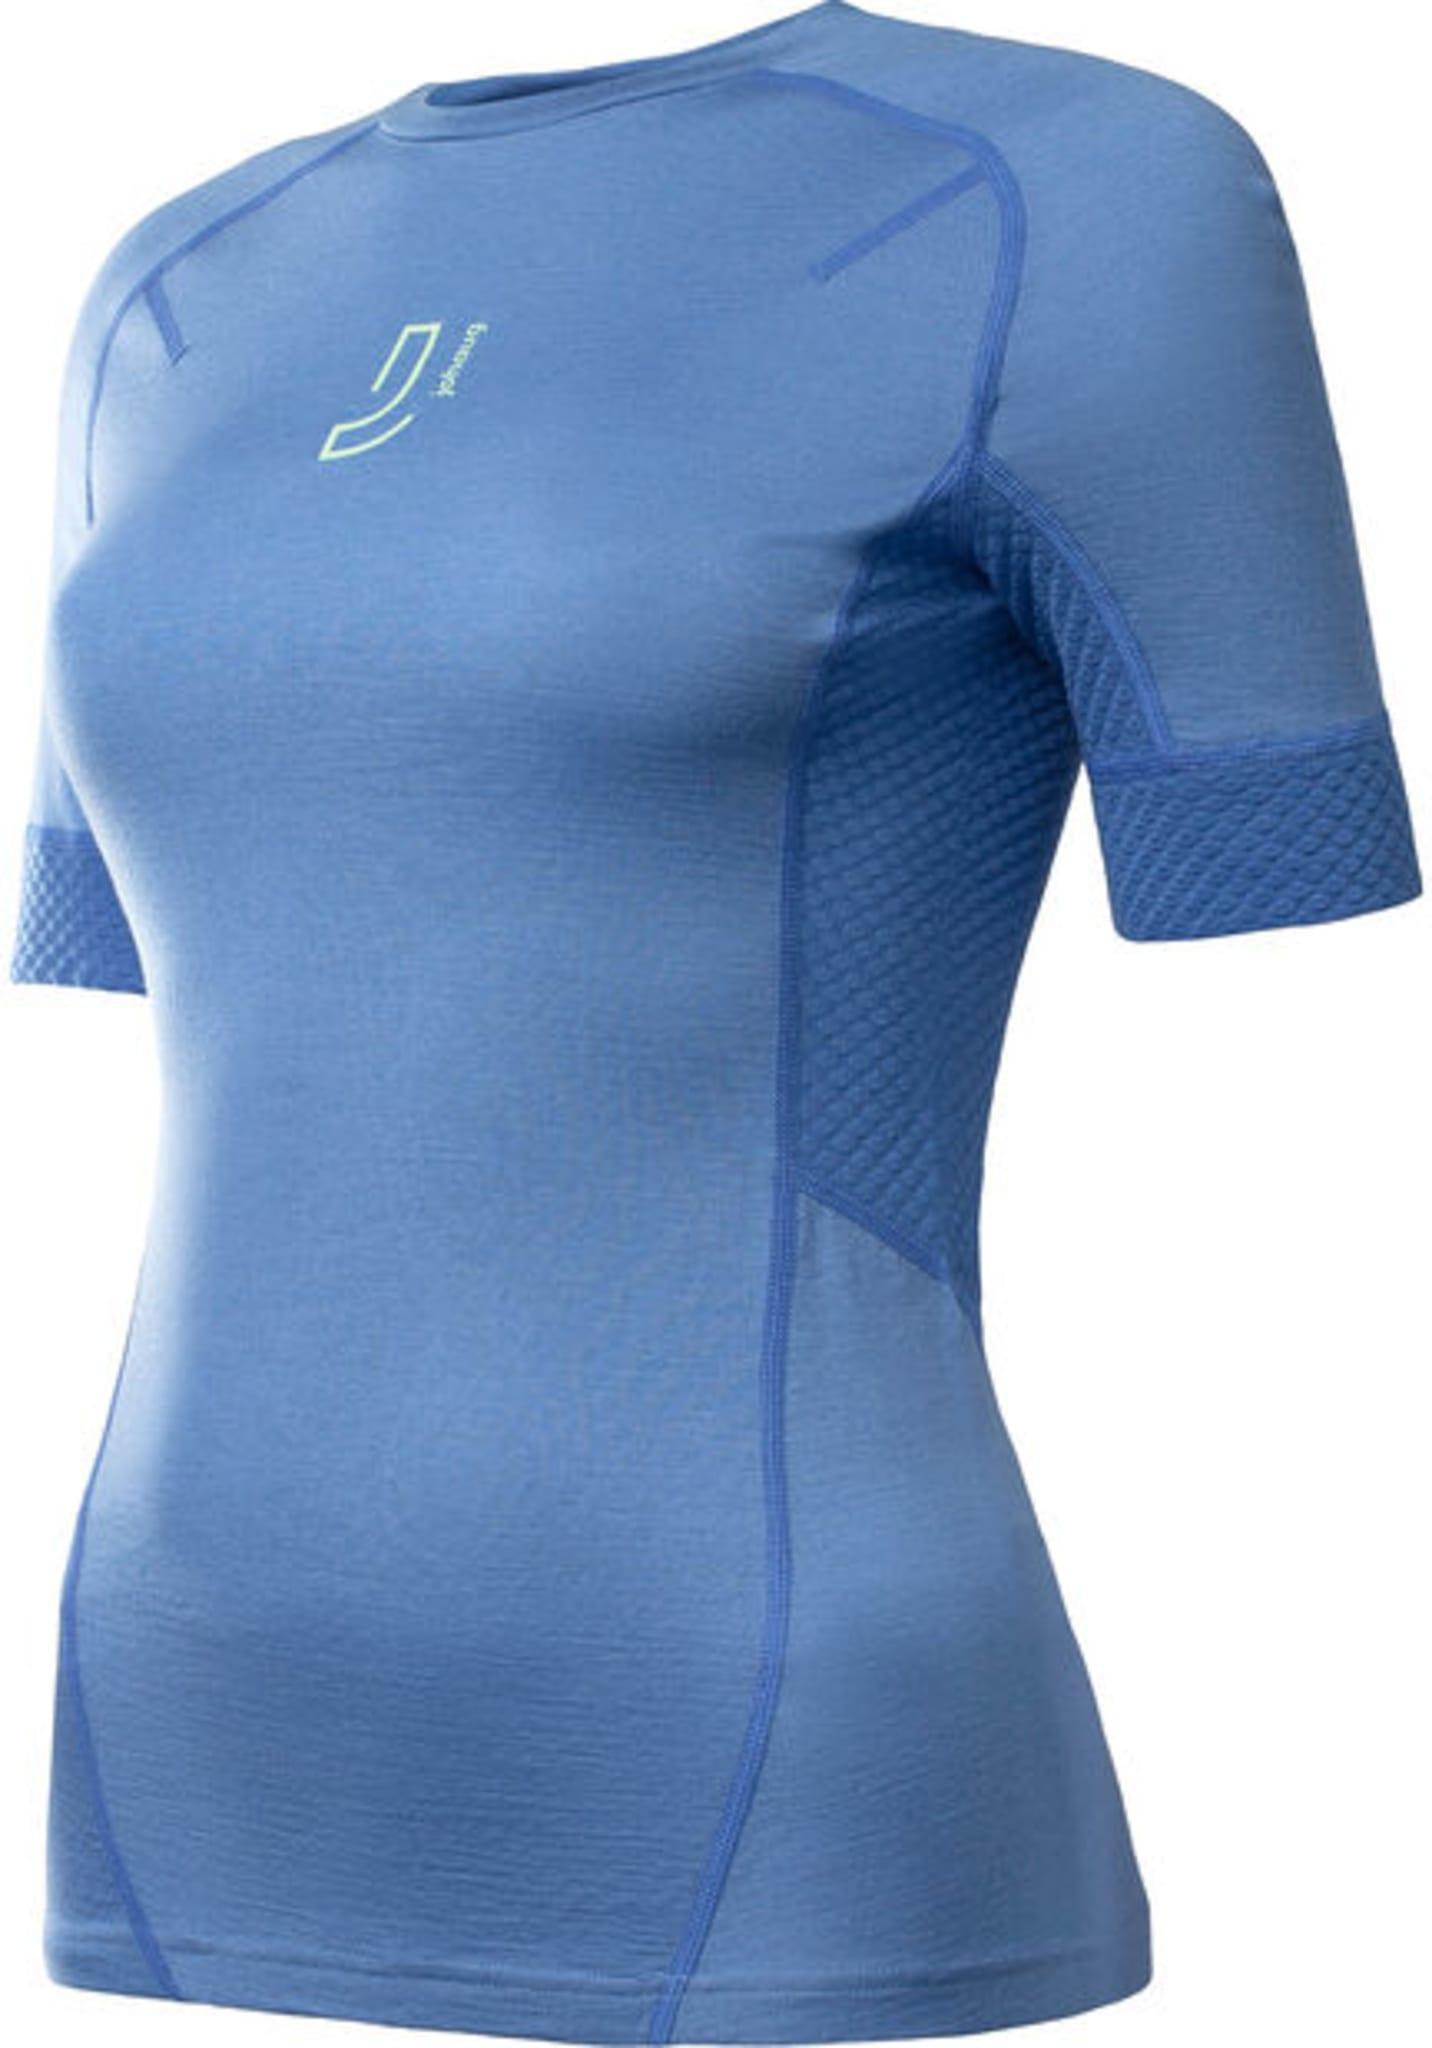 En femining og sporty t-skjorte i ull. Perfekt til trening og andre aktiviteter.